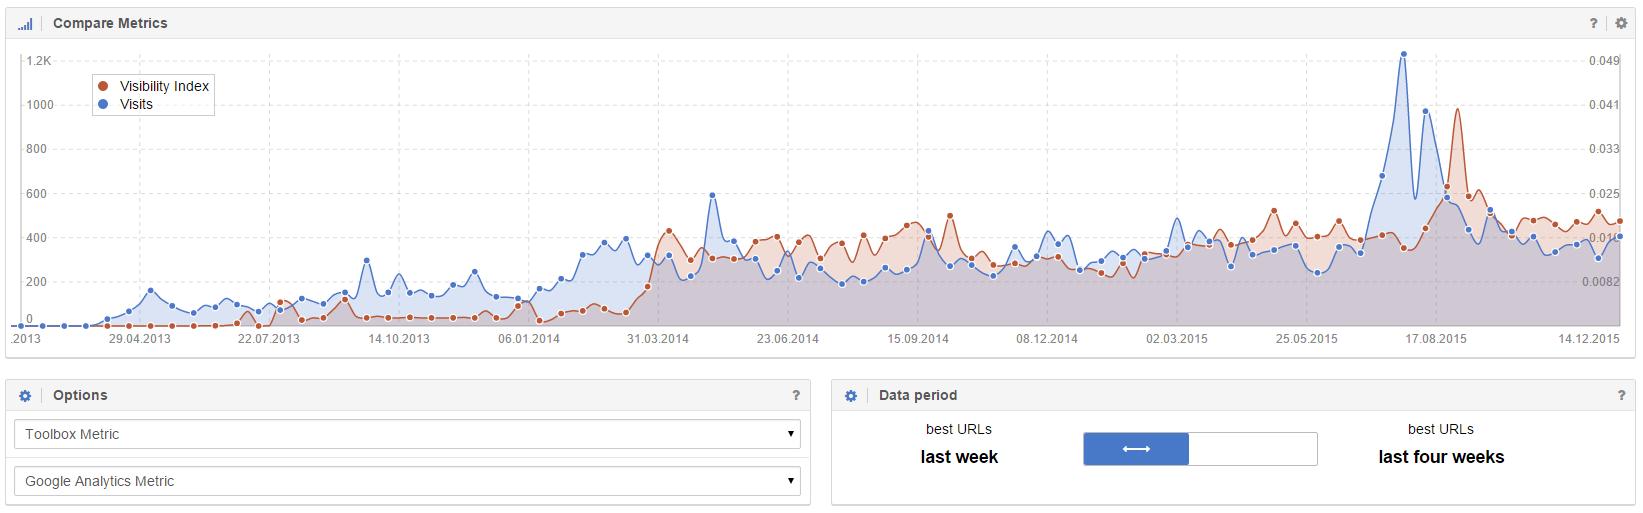 Vergleich von Sichtbarkeitsindex und Visits in einem Chart